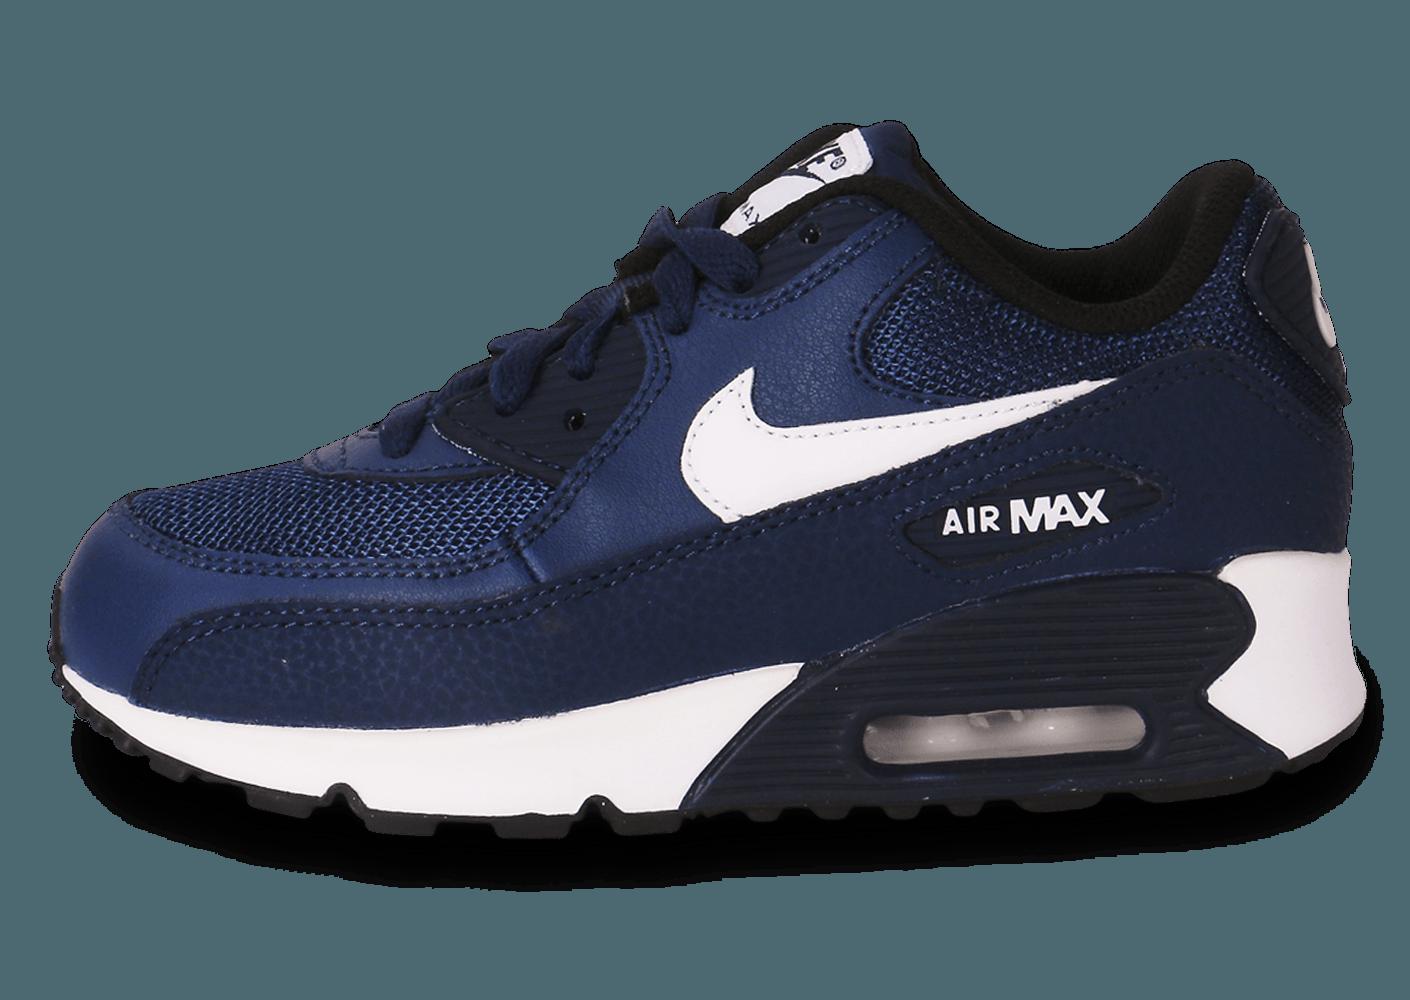 air max bleu marine et blanc